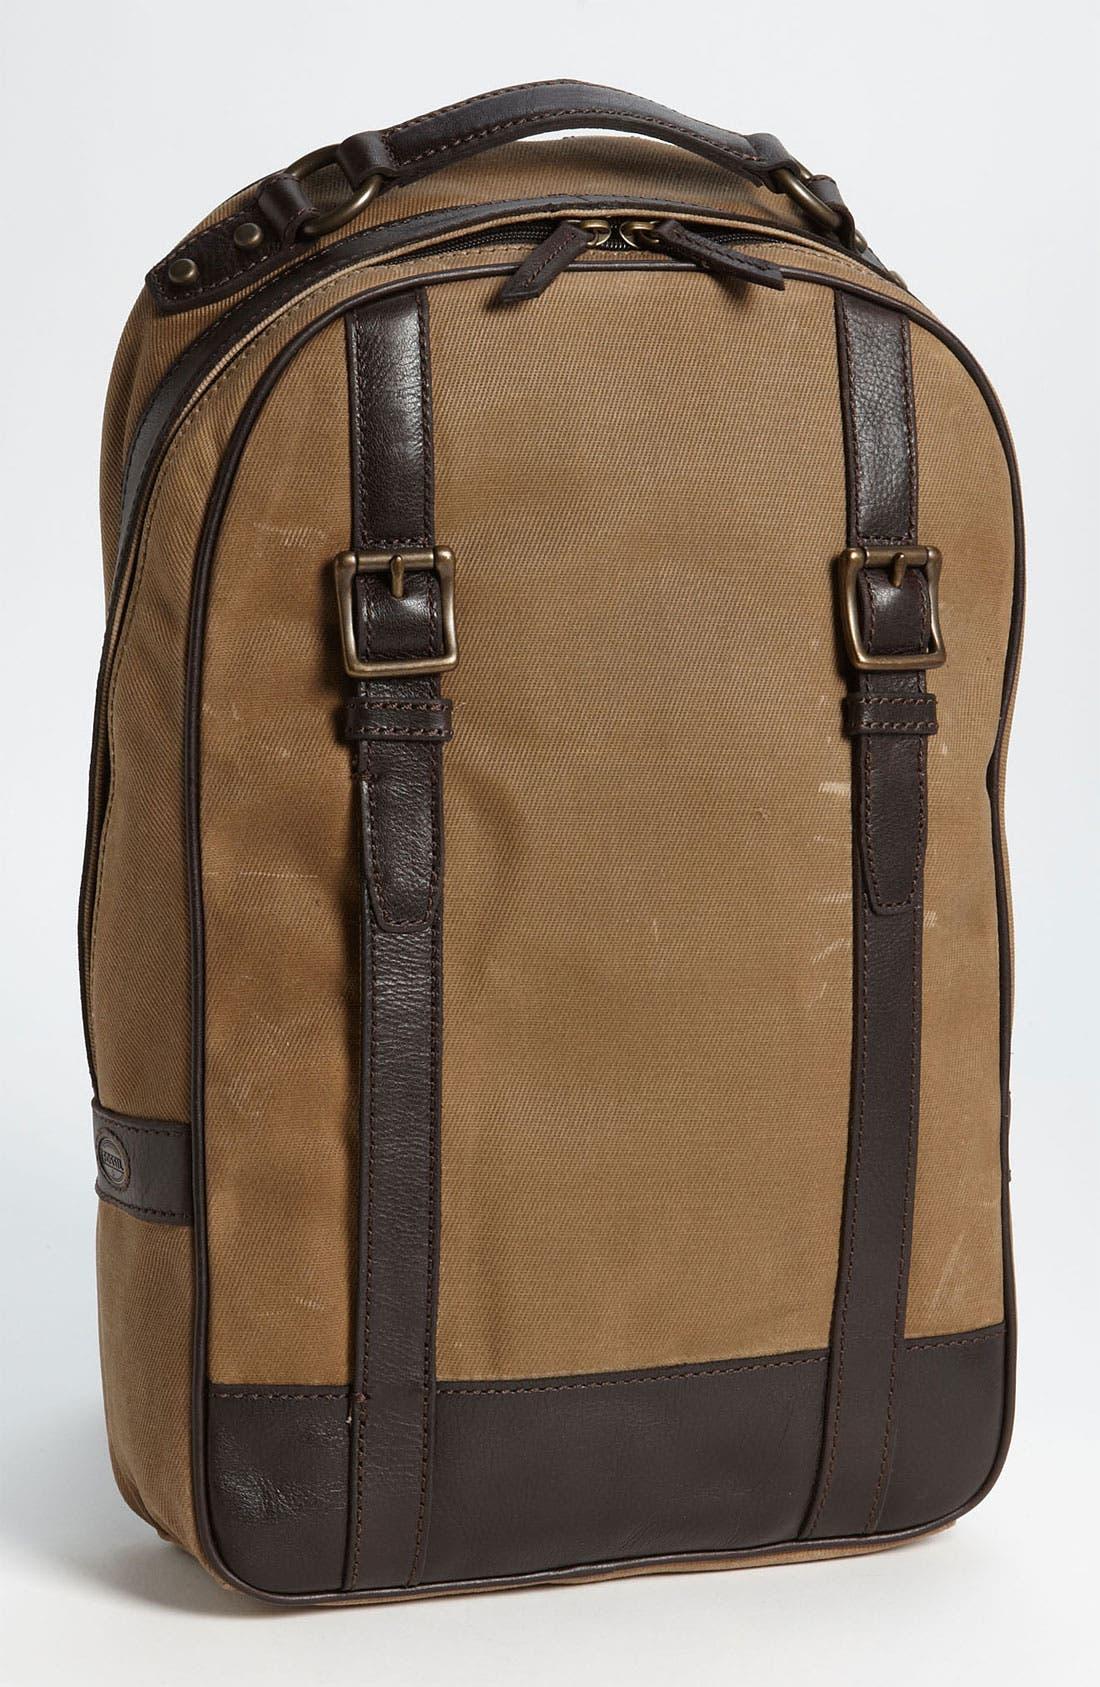 Alternate Image 1 Selected - Fossil 'Estate' Backpack